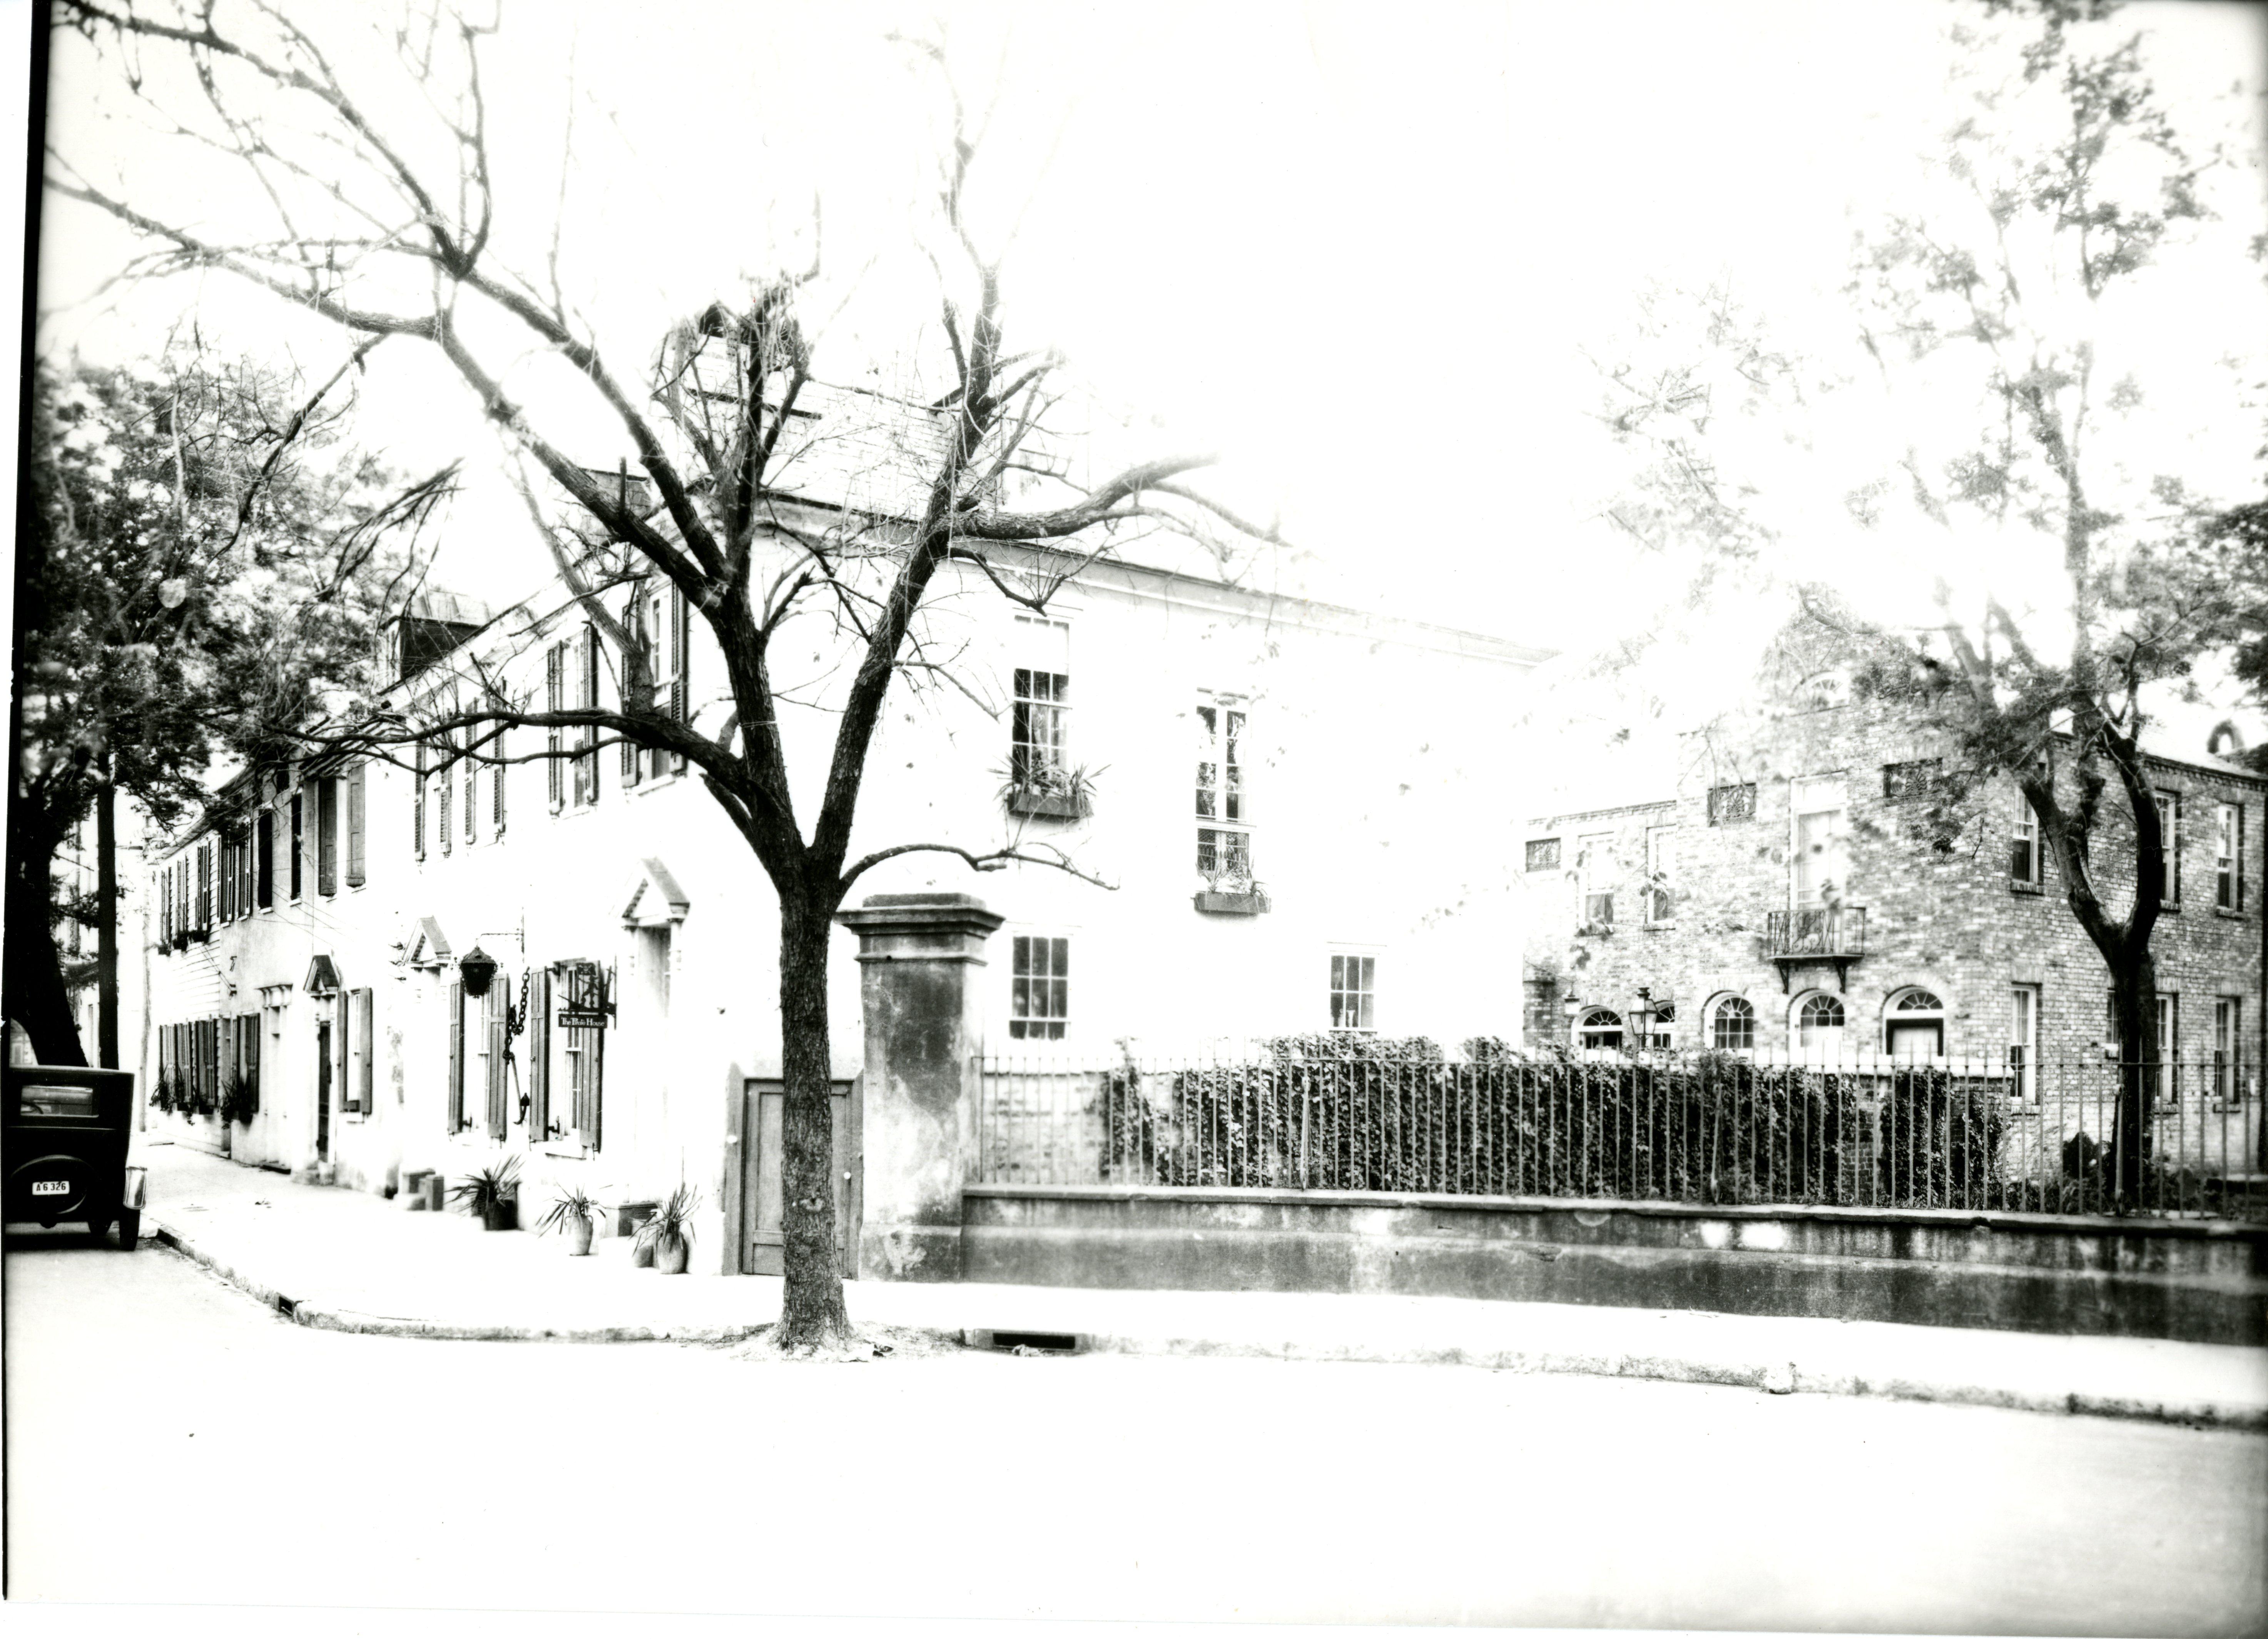 141-145 Church Street